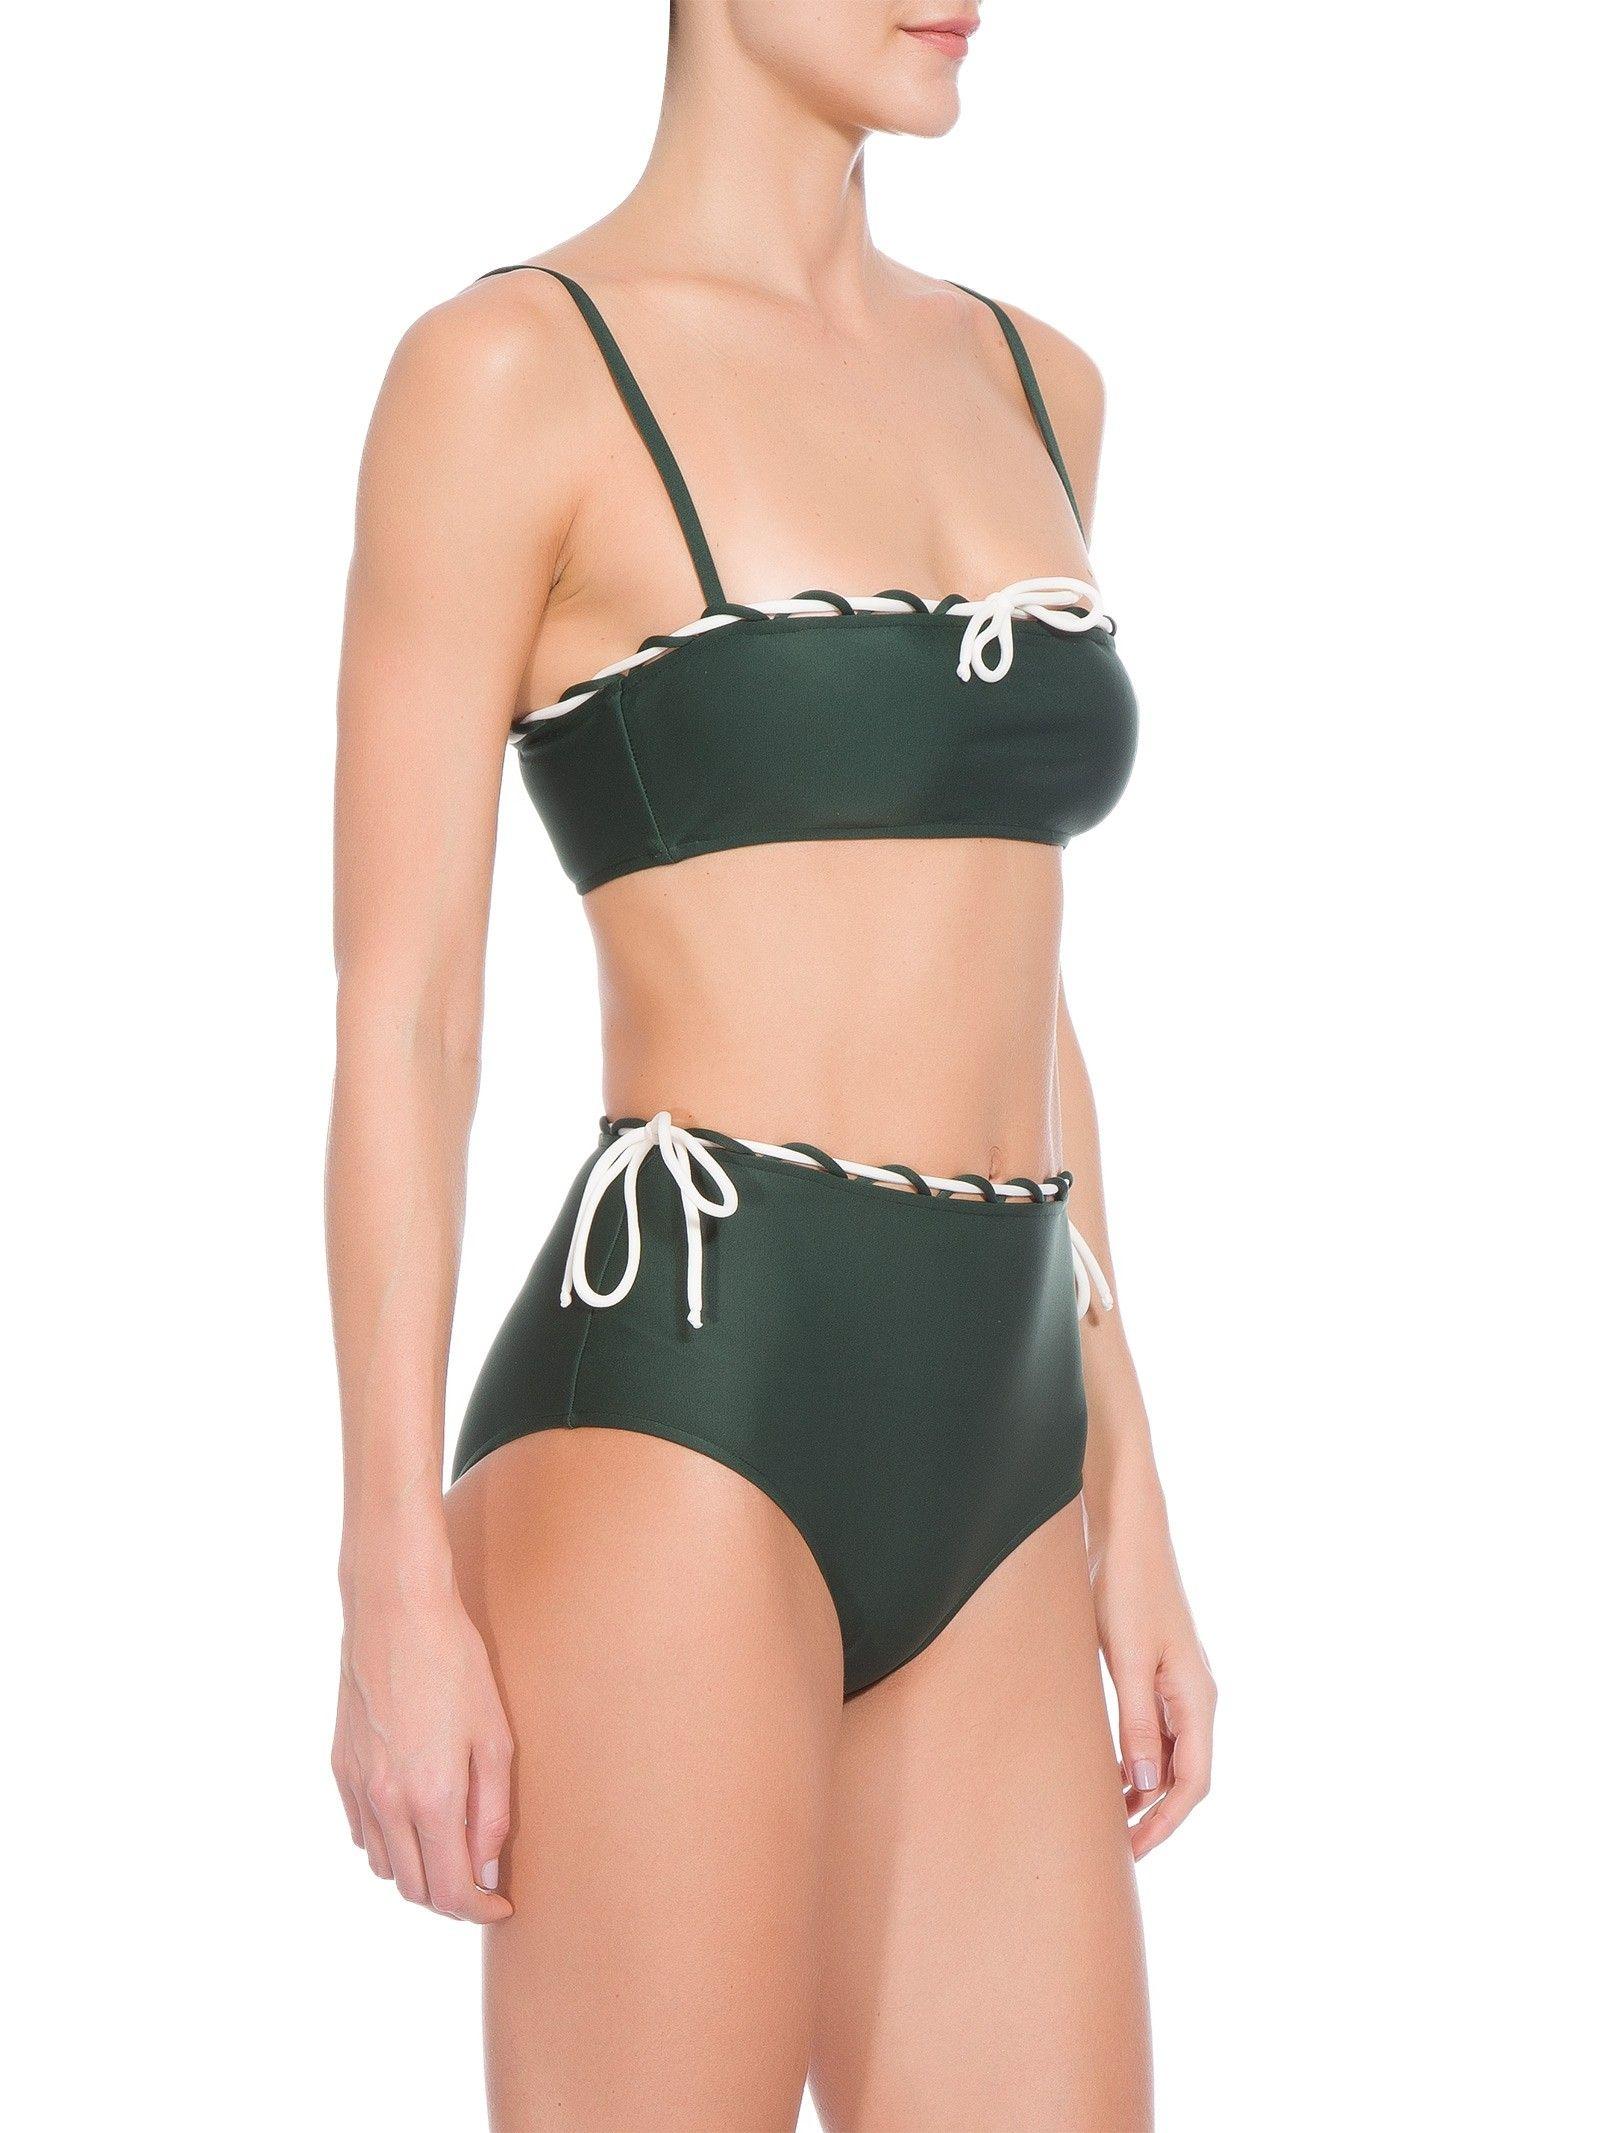 2d44bd65cd2e Biquíni Hot Pants Detalhe Cordão, Adriana Degreas. O biquini verde é  confeccionado em malha